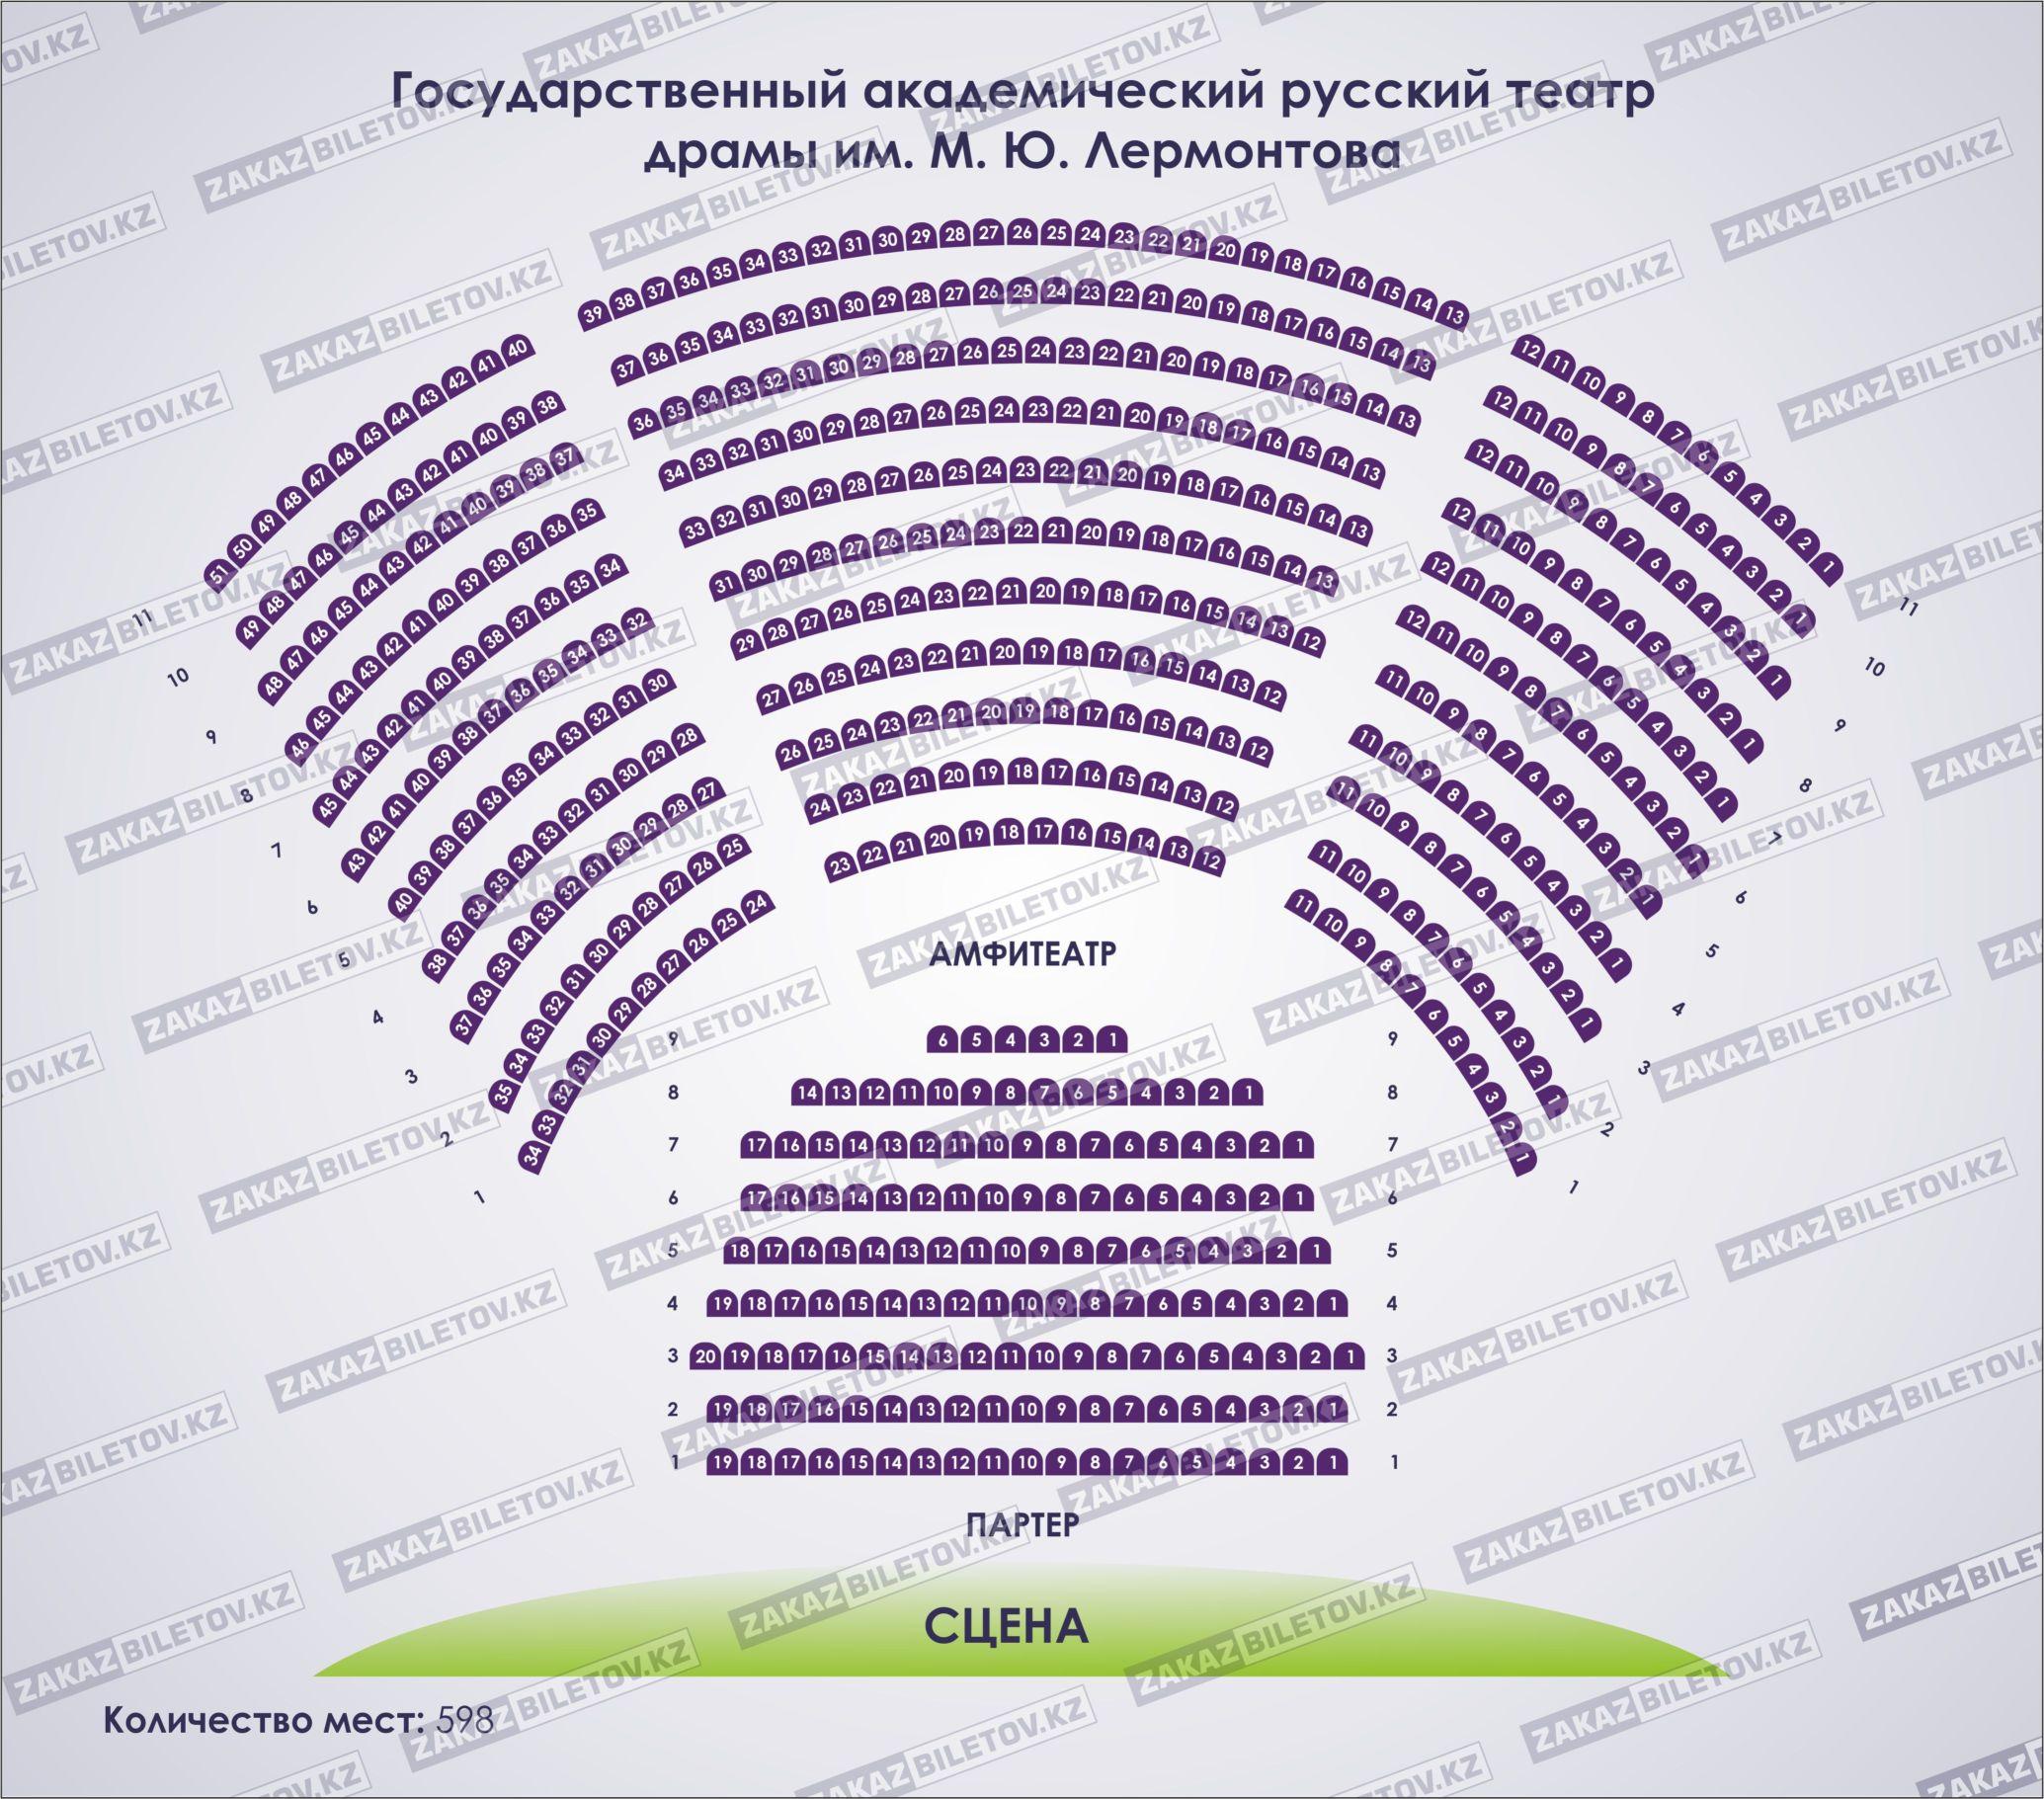 Московский областной государственный театр схема зала